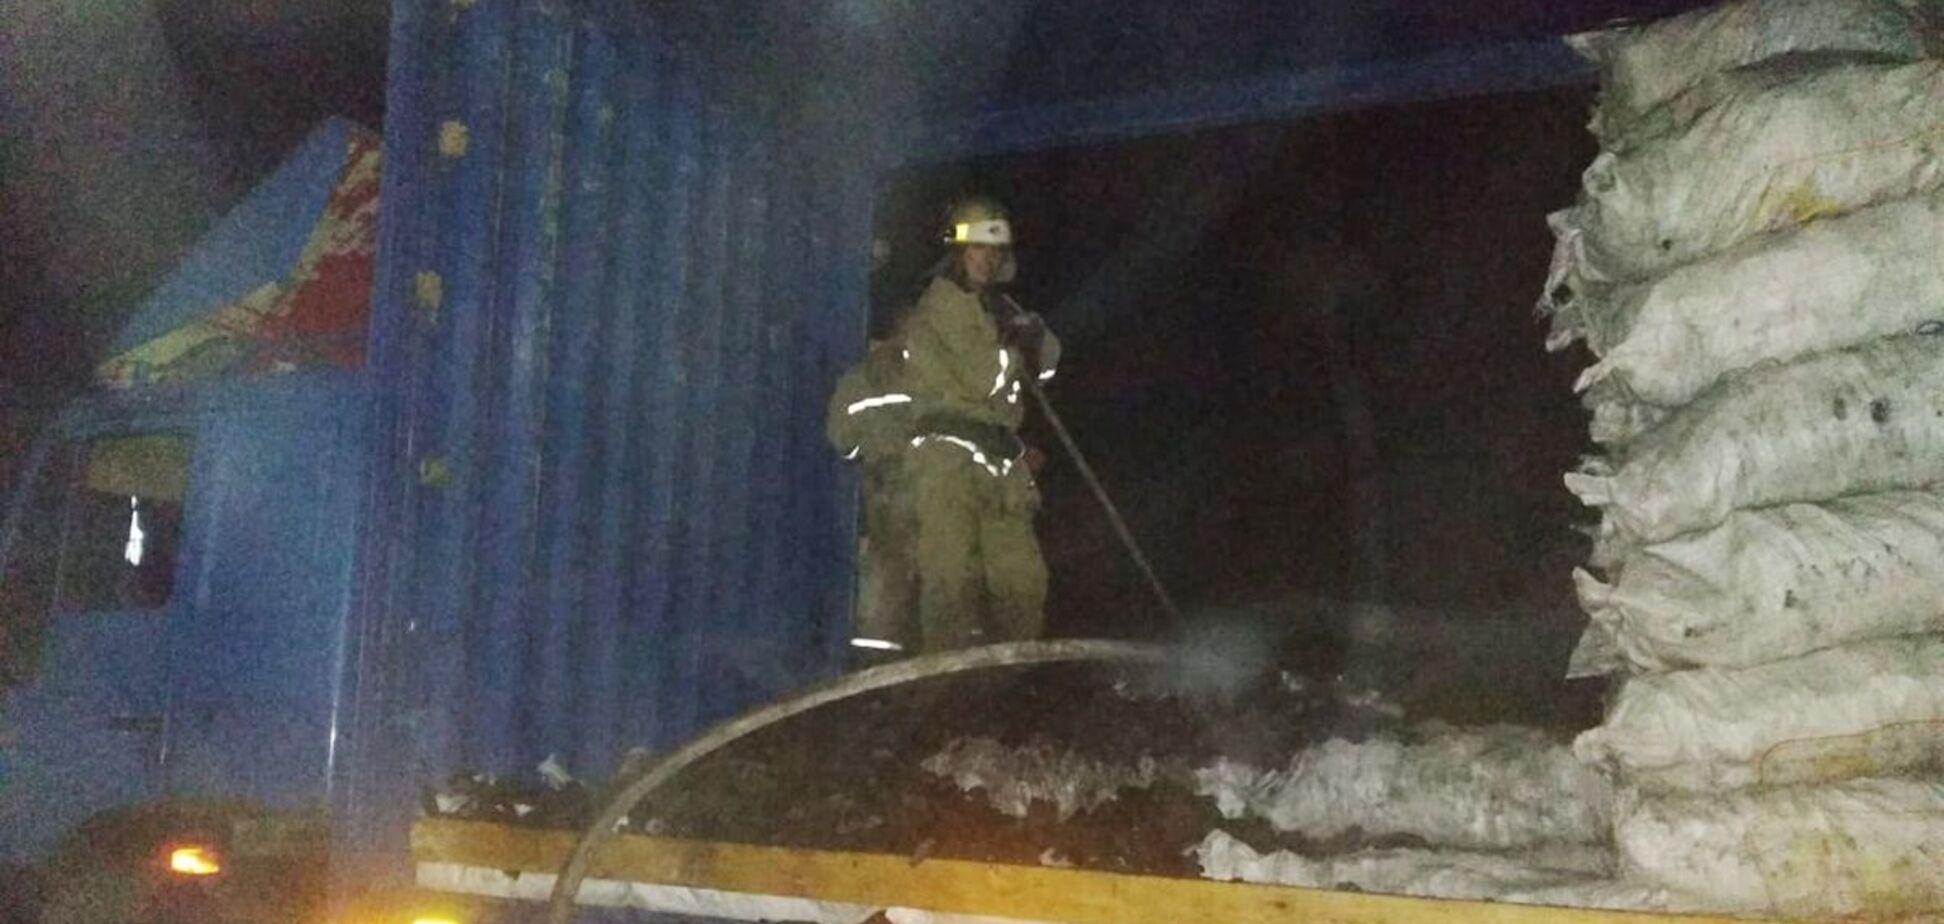 На Дніпропетровщині біля заправки загорілася вантажівка з вугіллям. Фото з місця НП